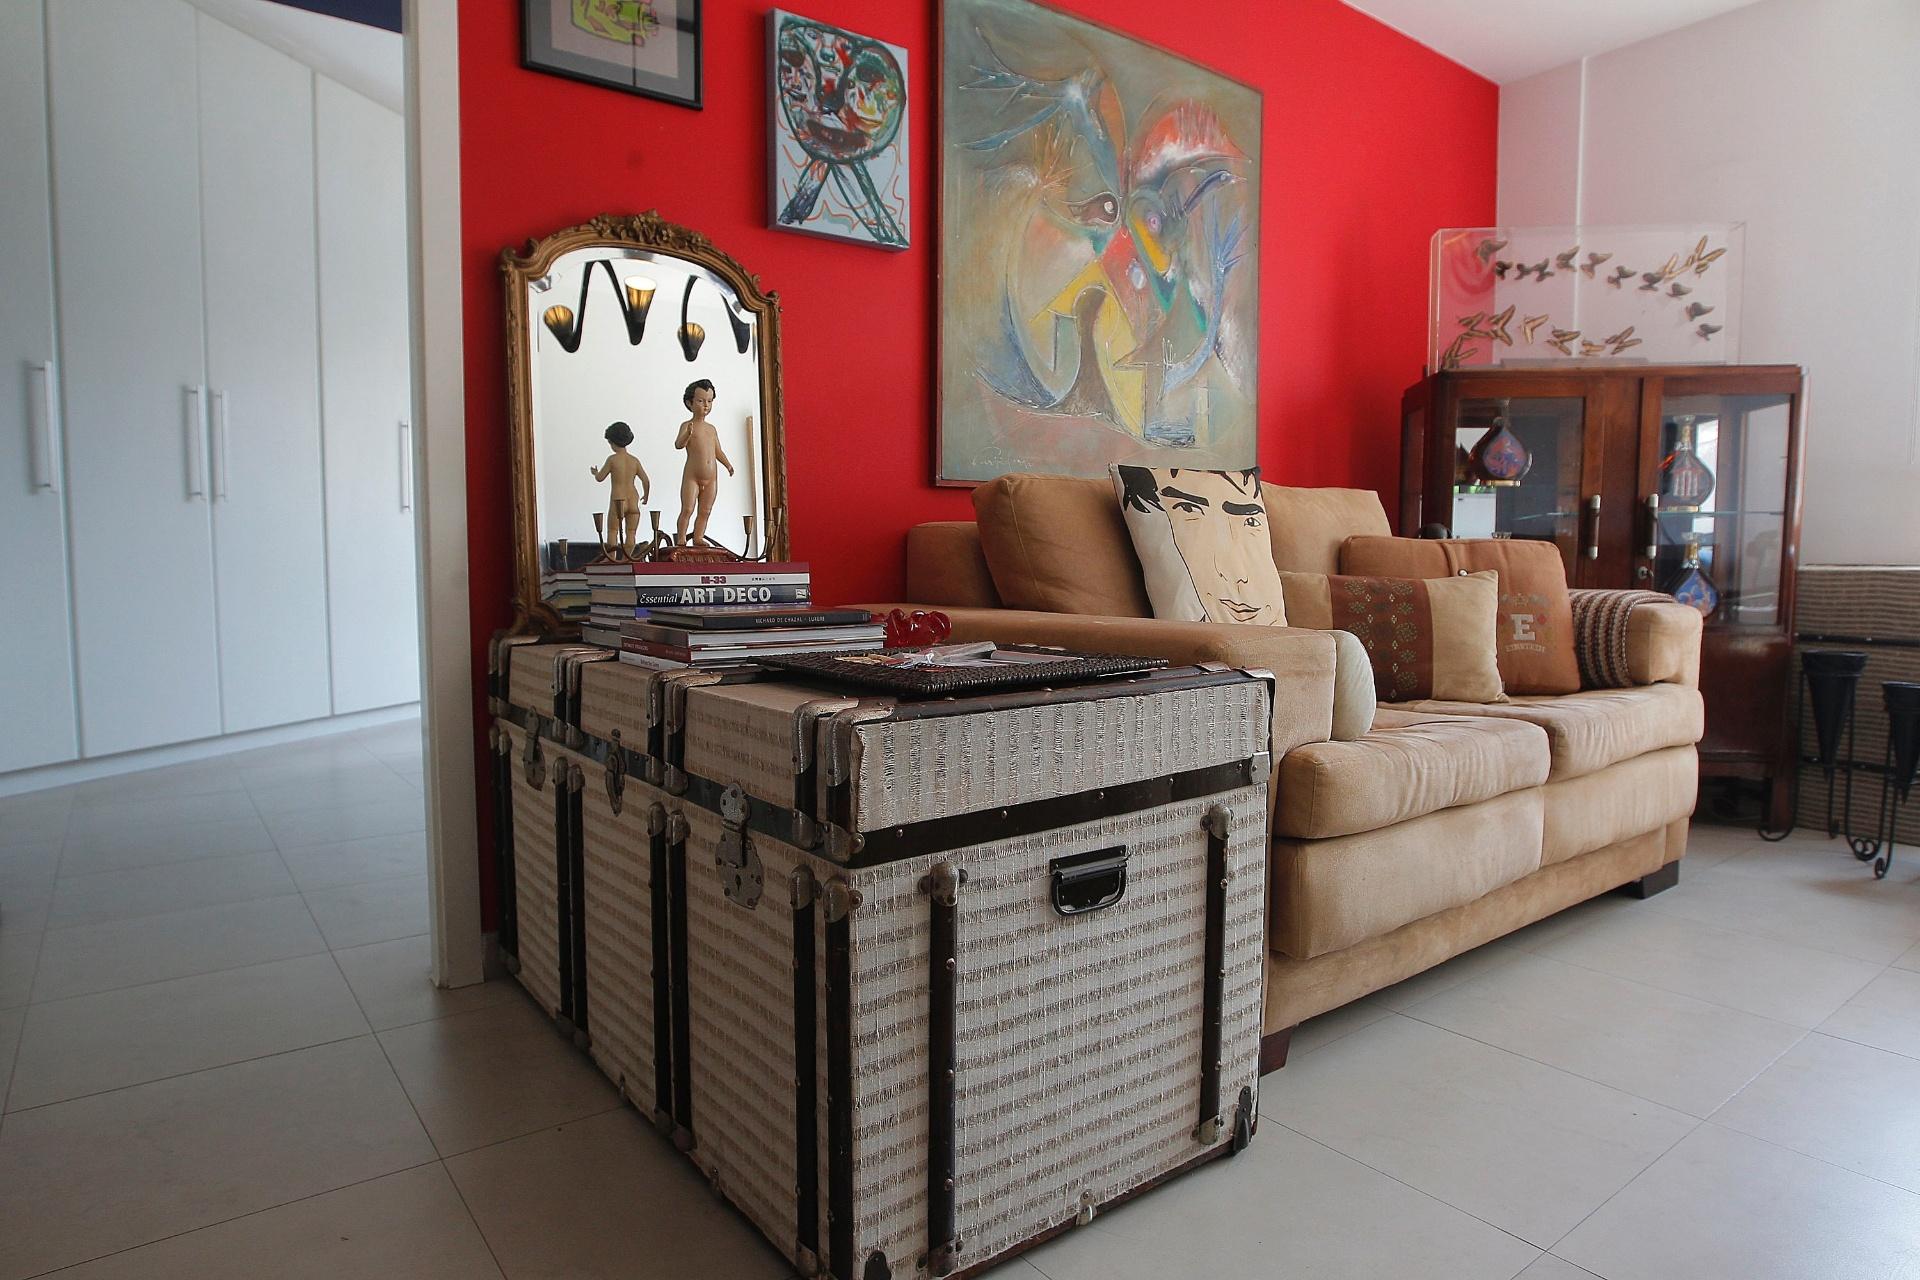 Na sala de estar do apartamento de Nico Puig, algumas peças reaproveitadas, como o velho baú, usado como apoio para o sofá. O revestimento foi feito com tecido de cortina velha. Sobre a cristaleira, o suporte de acrílico com borboletas foi comprado no lixo, por R$ 6